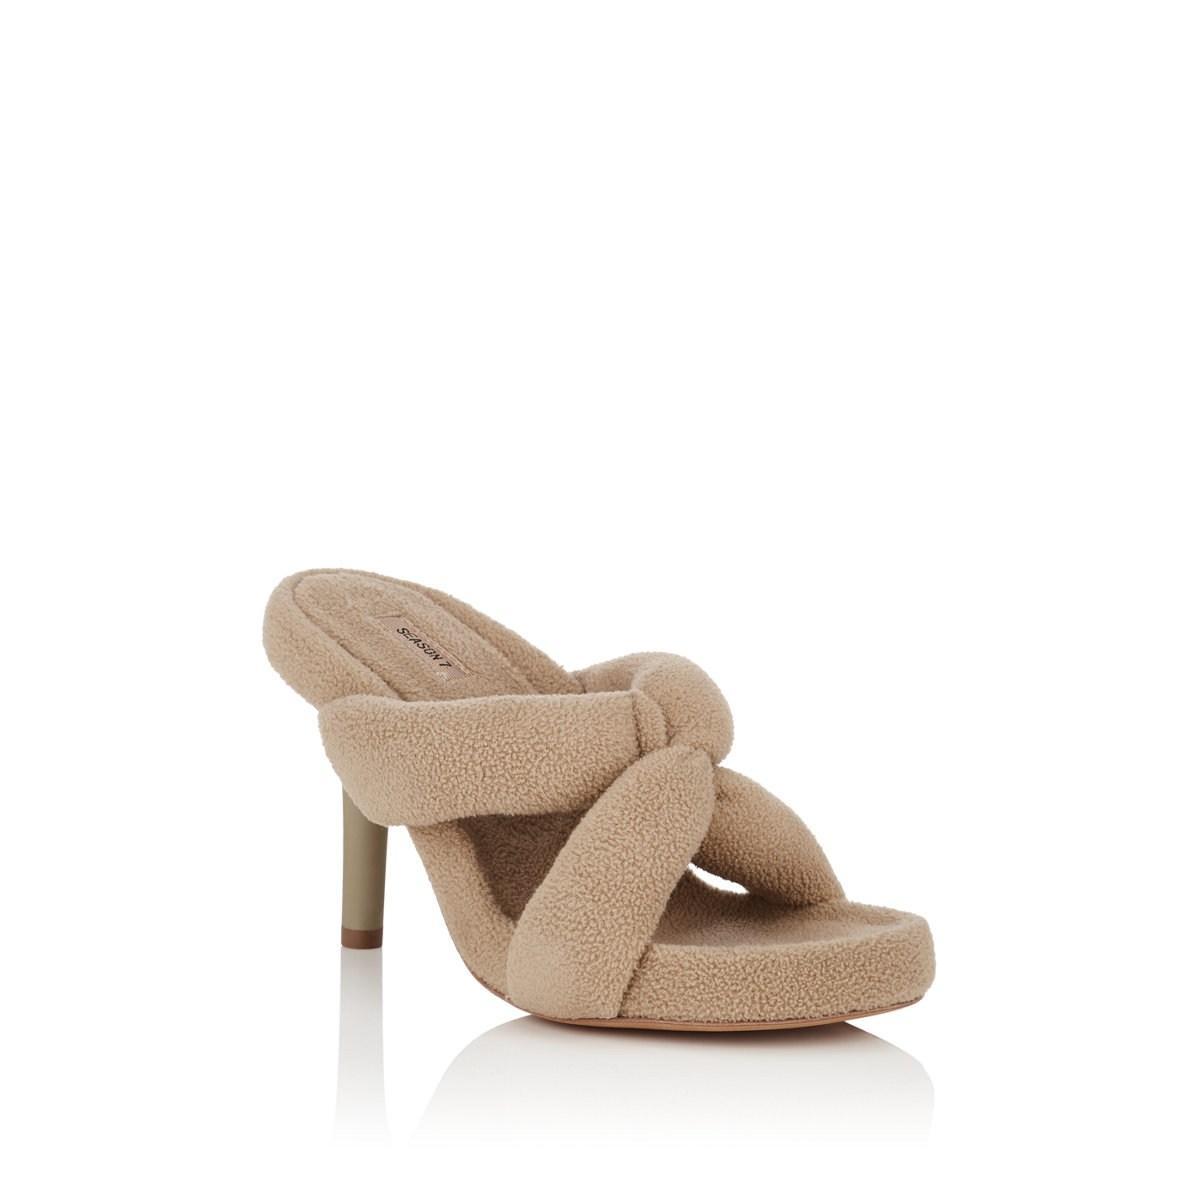 ff51b7a523022 Yeezy - Natural Crisscross-strap Fleece Sandals - Lyst. View fullscreen